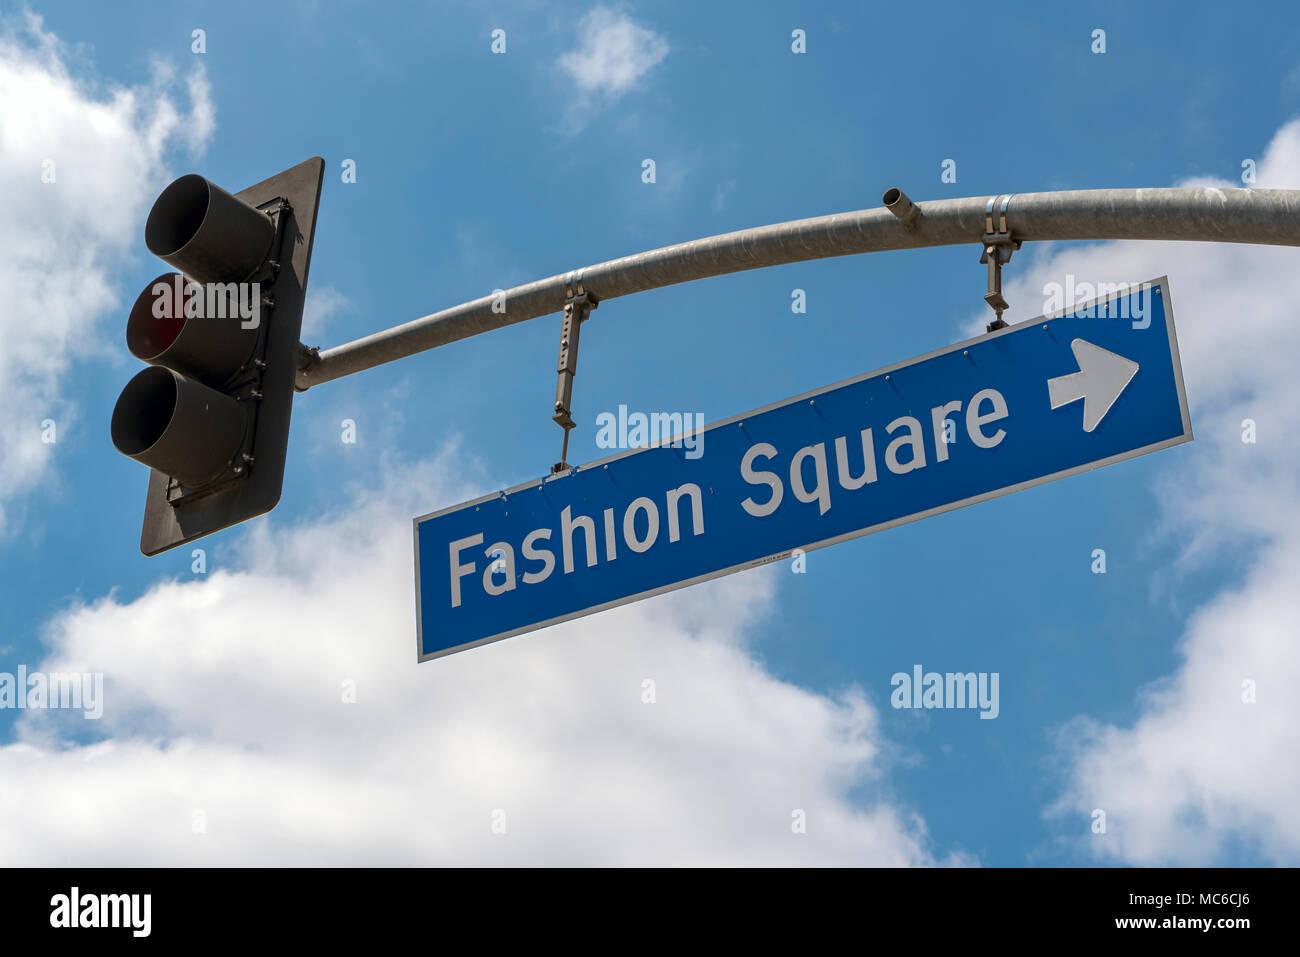 Traffic lights to Fashion Square, Sherman Oaks, Los Angeles